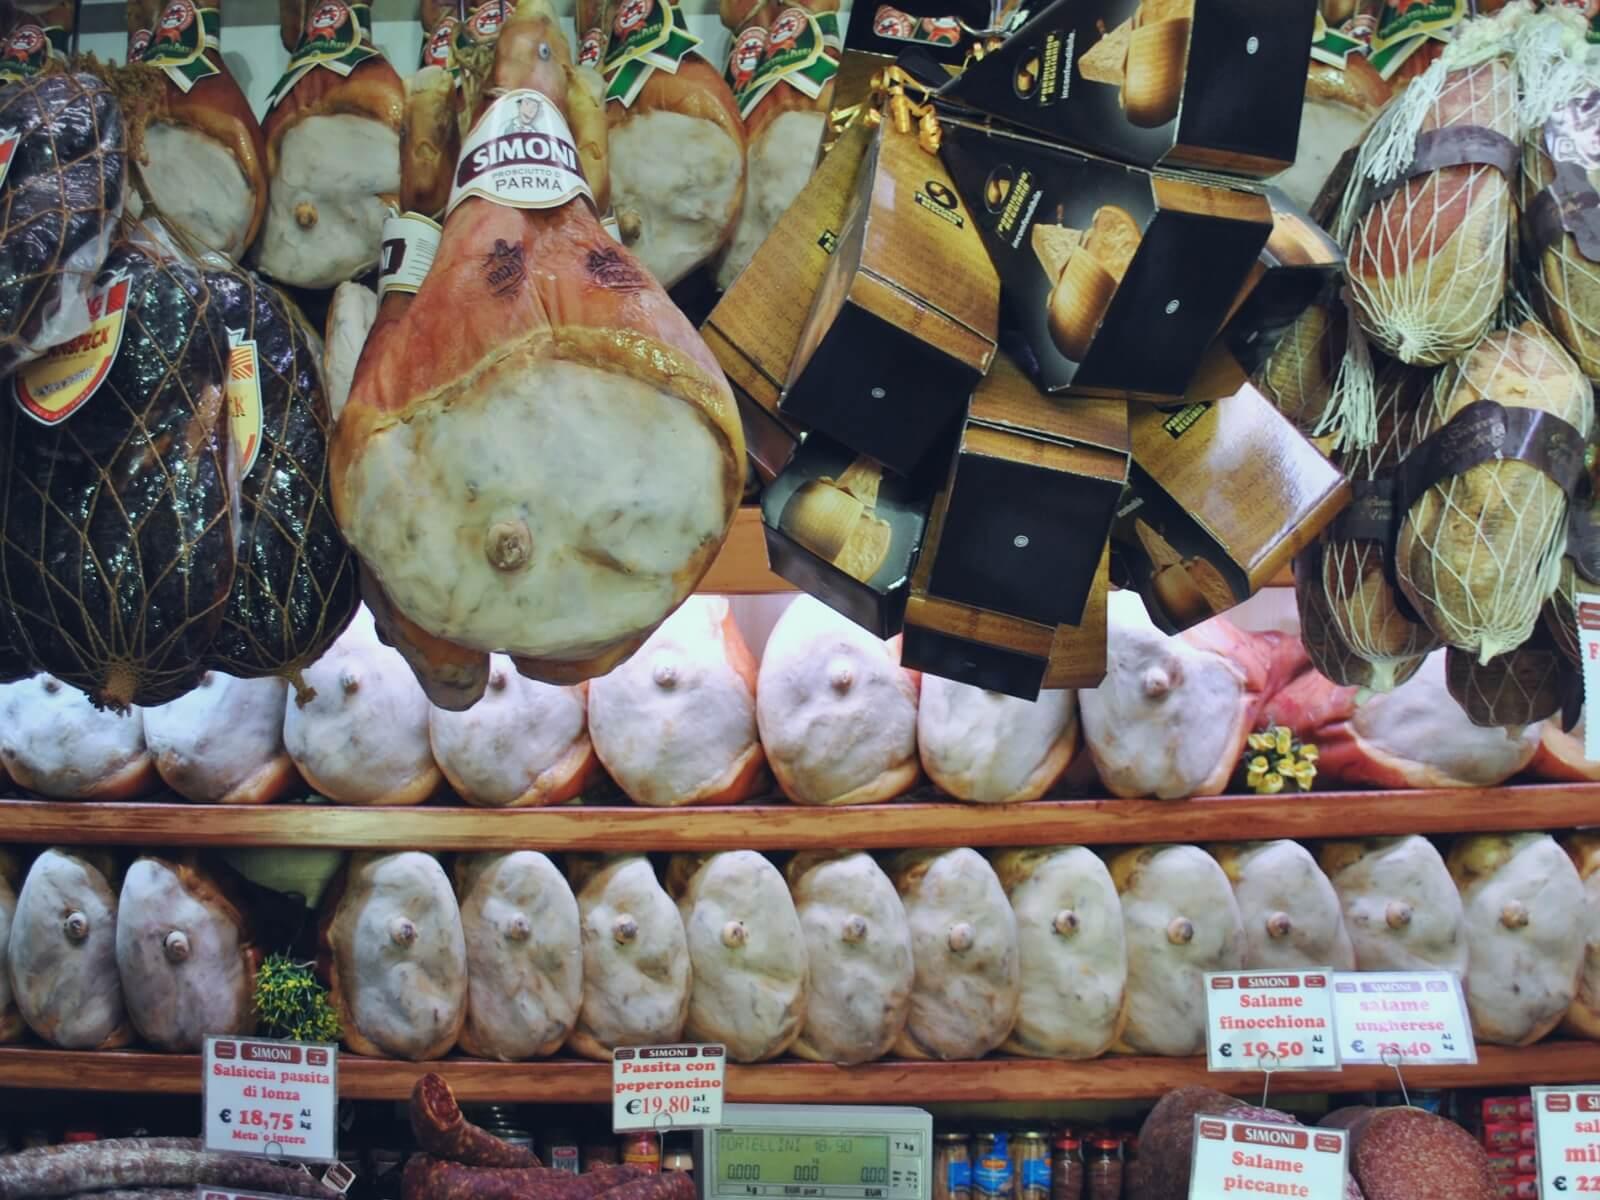 Kuchnia włoska słynie z szynki prosciutto, szynki parmeńskiej.